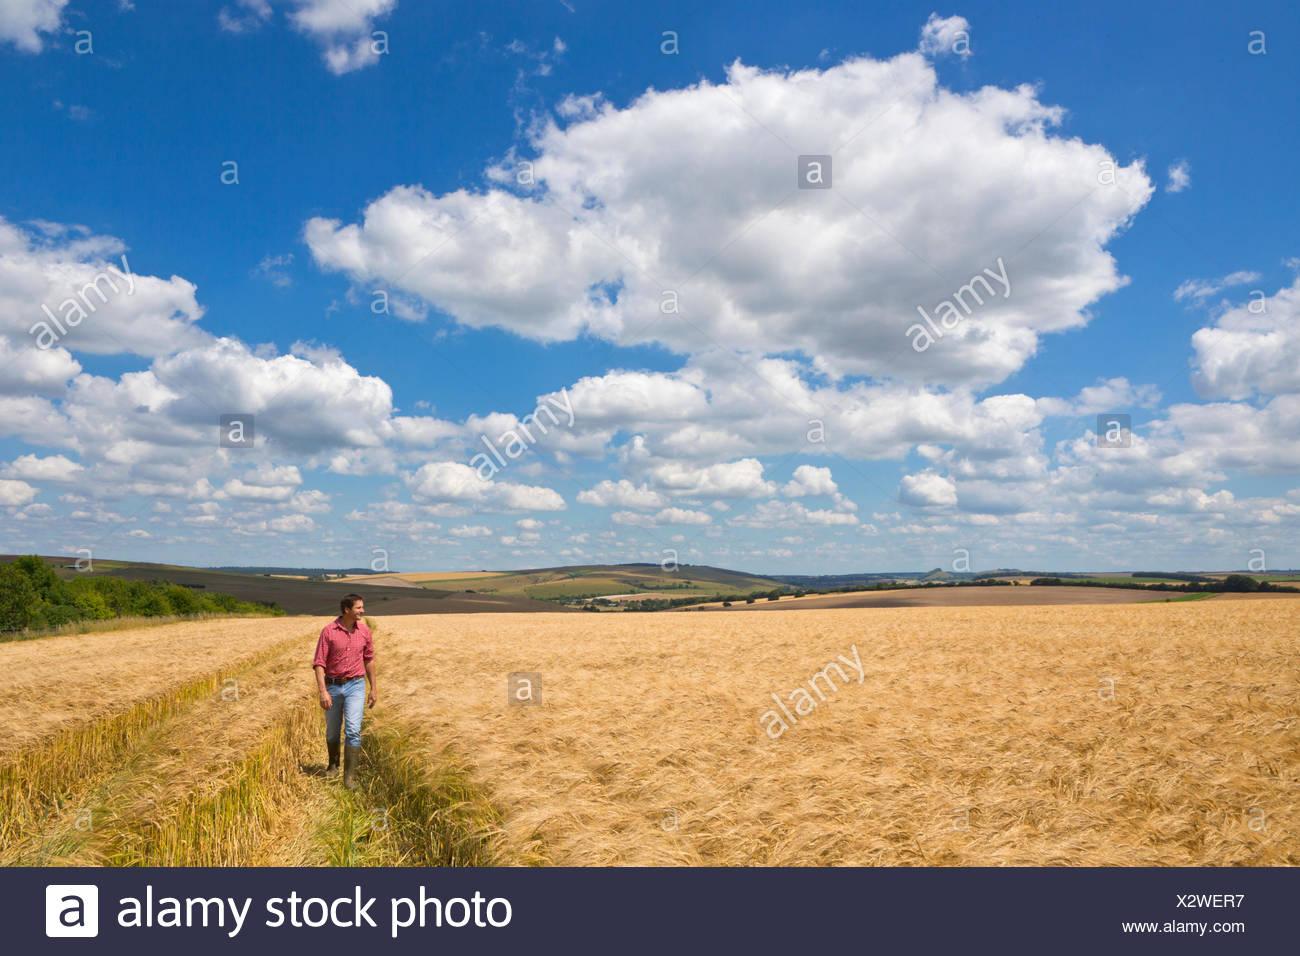 Caminando a través de agricultores rurales soleado campo de cultivo de cebada en verano Imagen De Stock